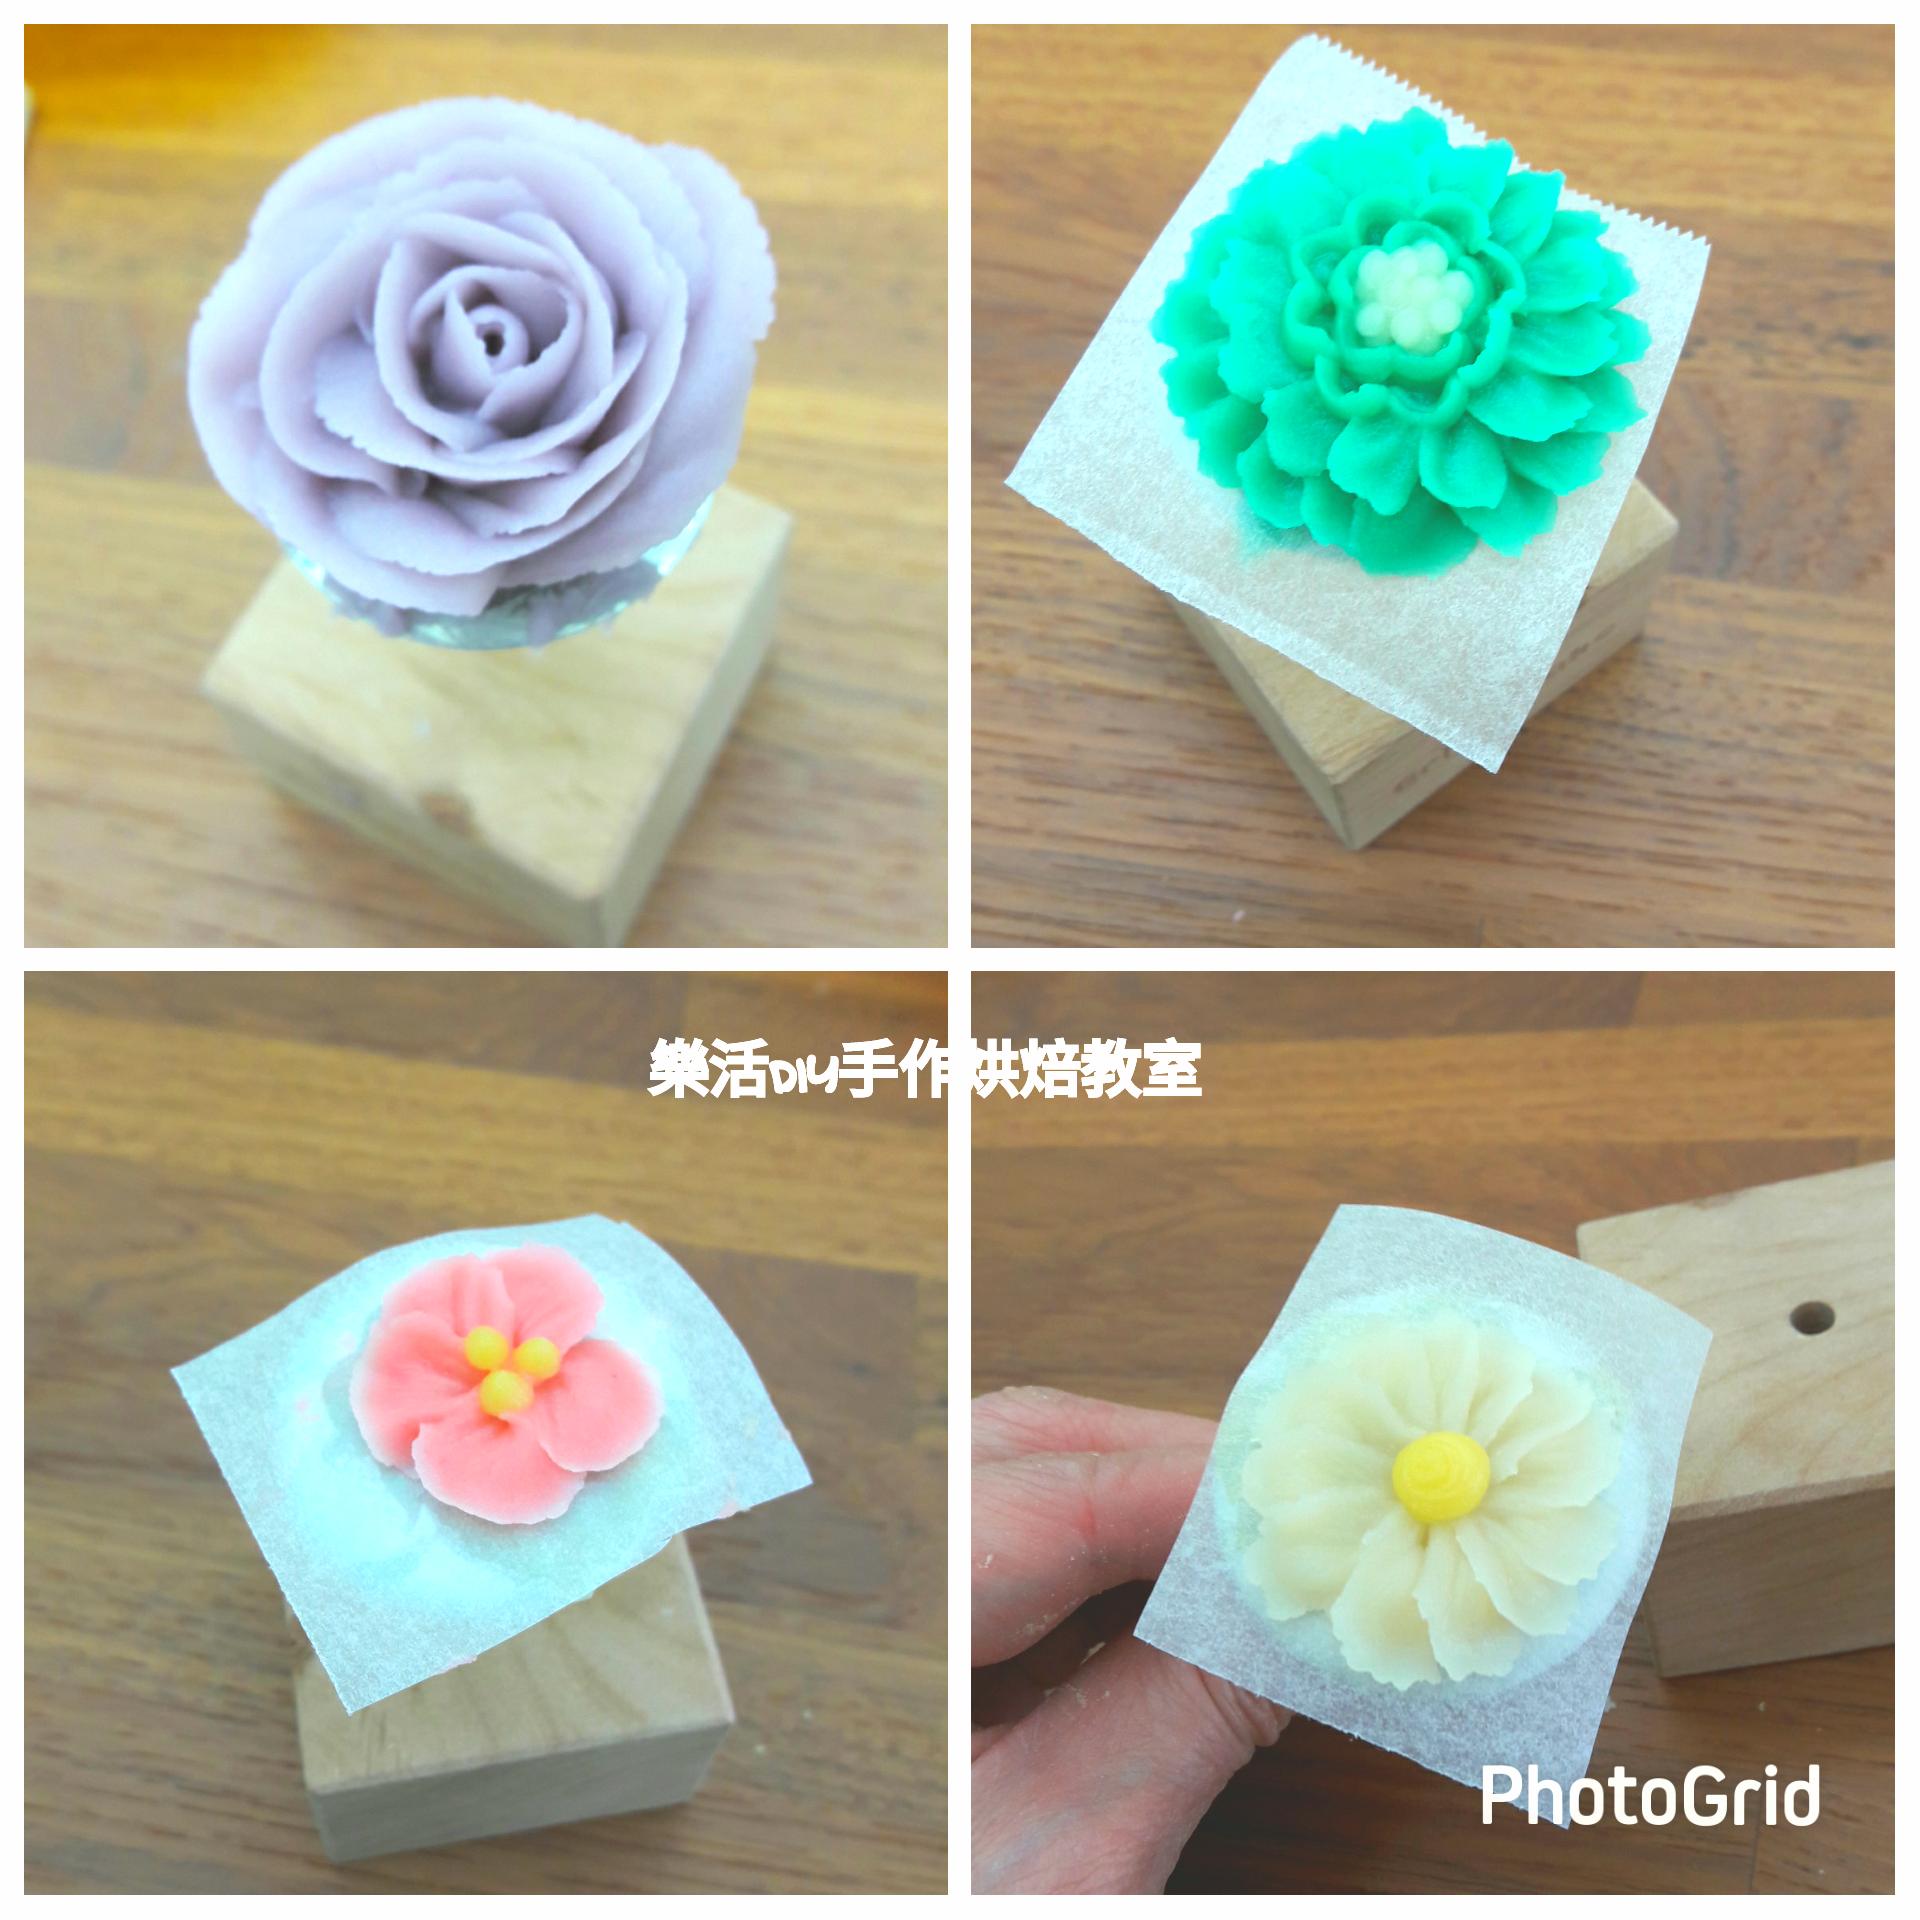 0527 韓式豆沙裱花課程 -課程紀事